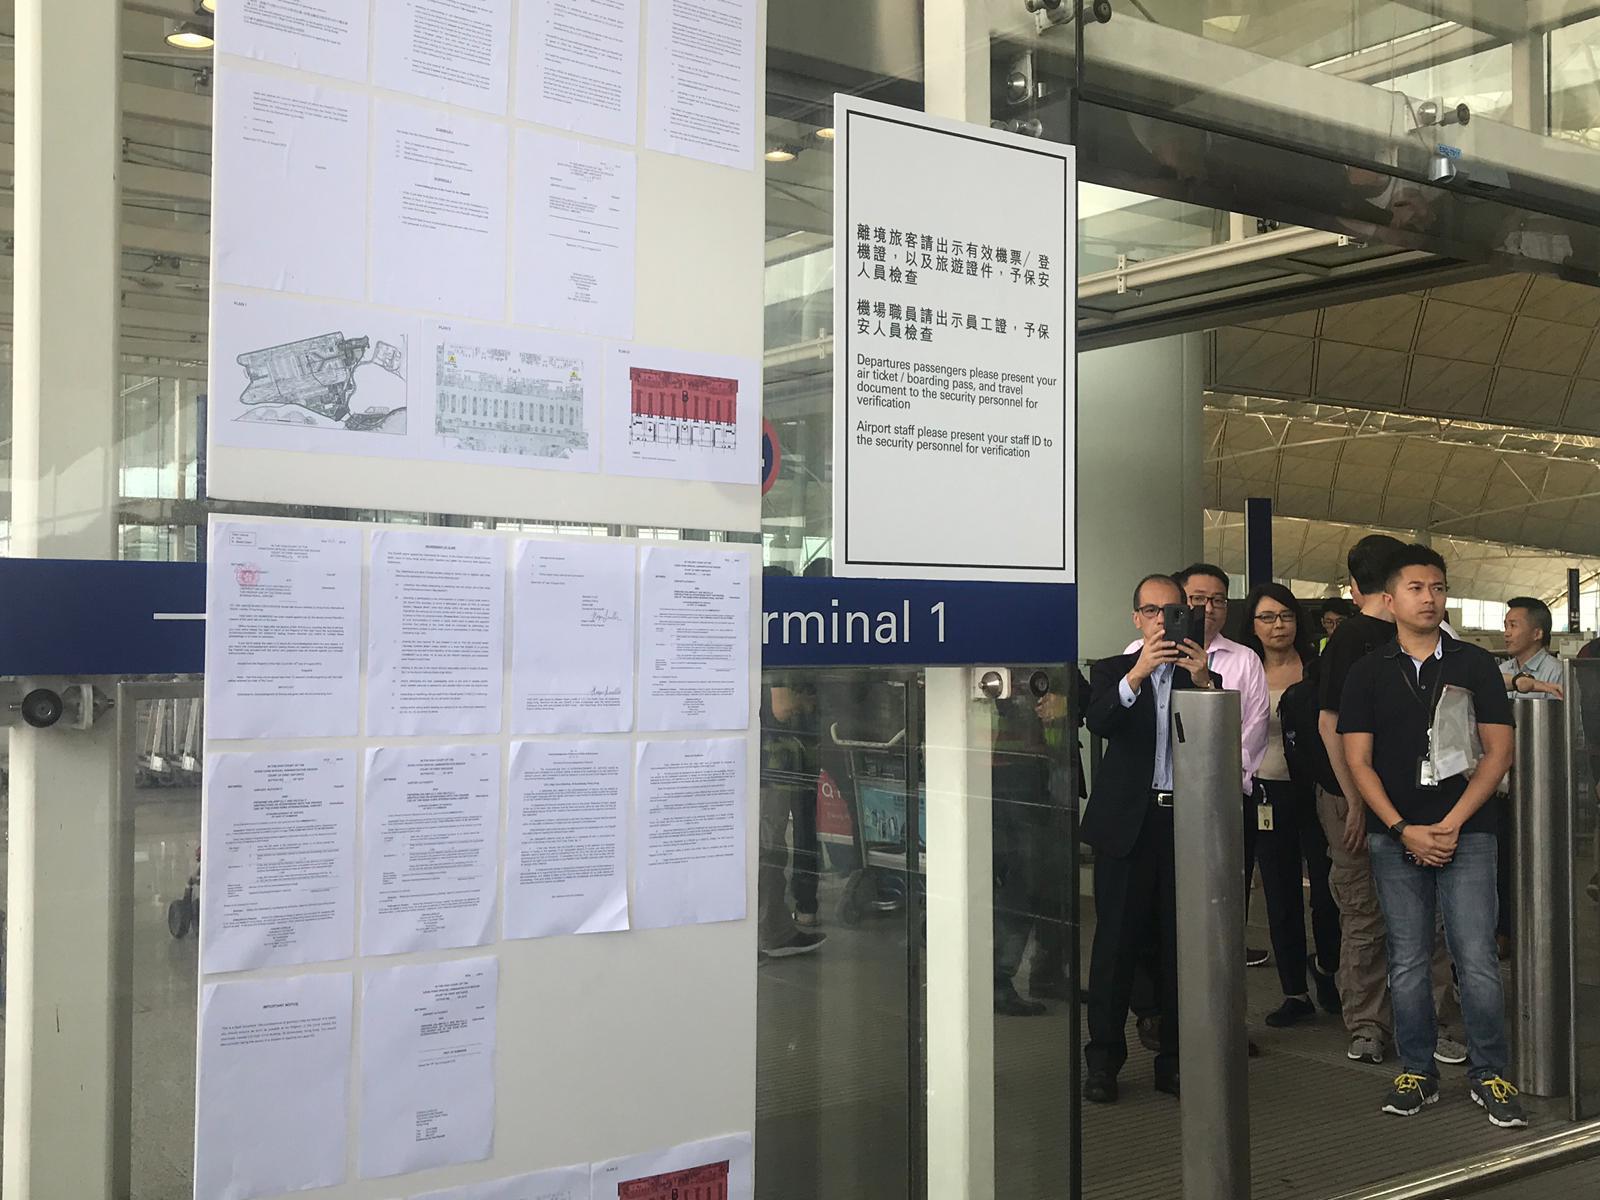 機場一號客運大樓外,已貼出臨時禁制令。